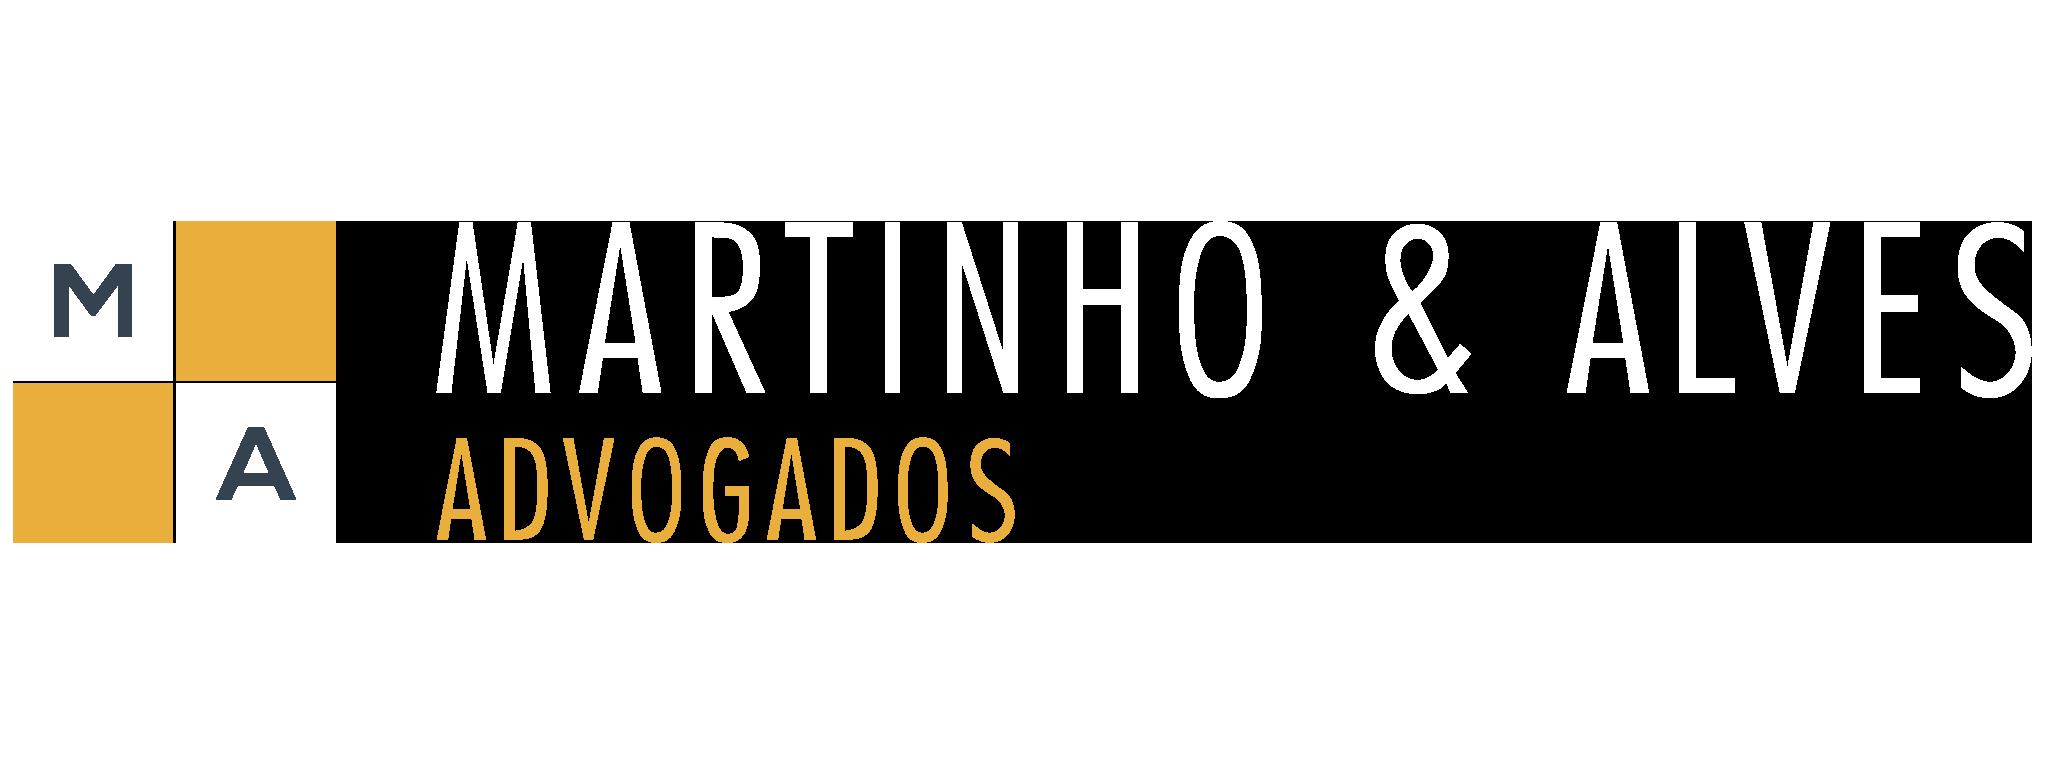 Martinho & Alves